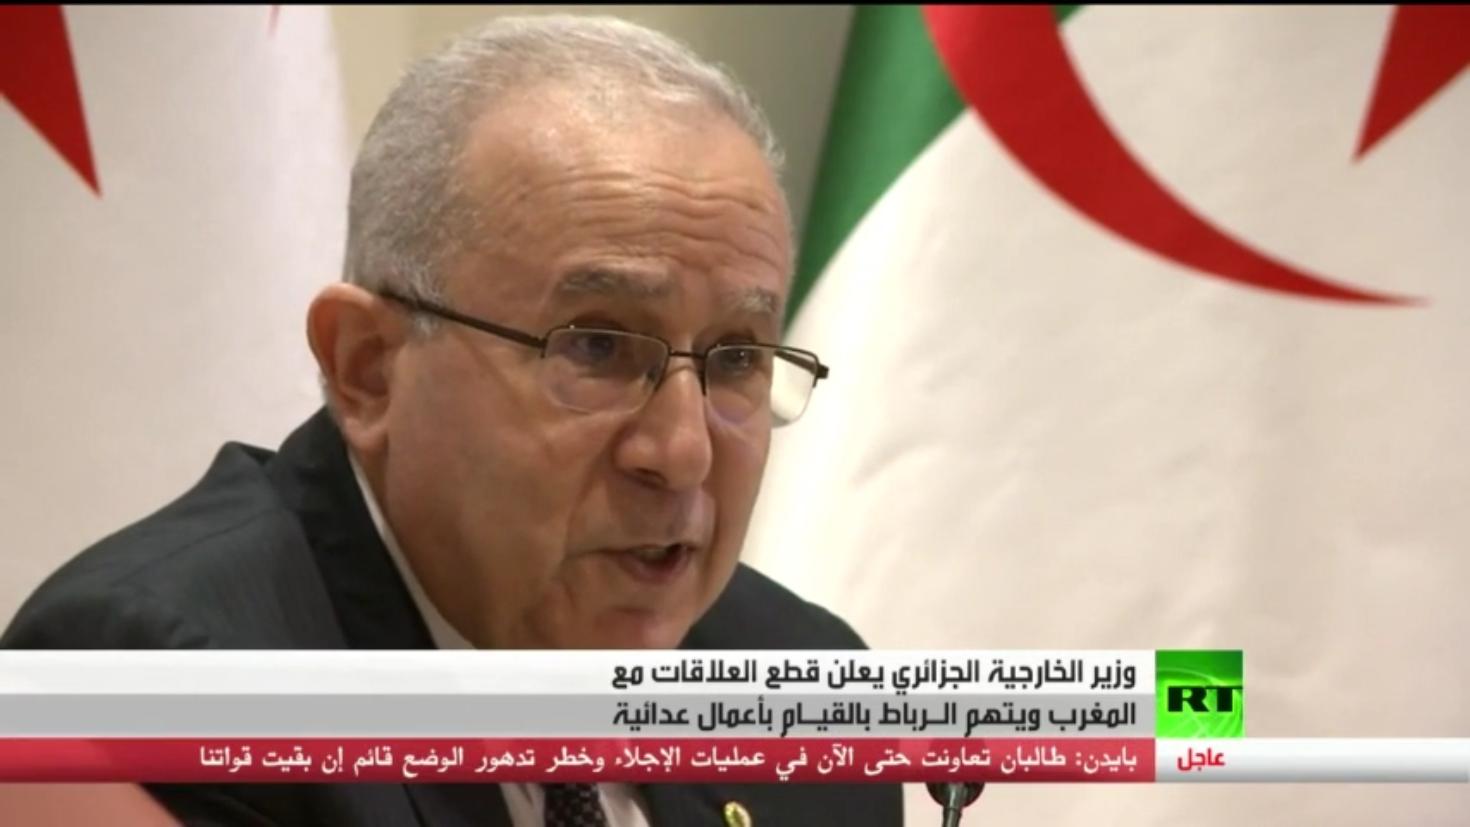 الجزائر تعلن عن قطع العلاقات مع المغرب